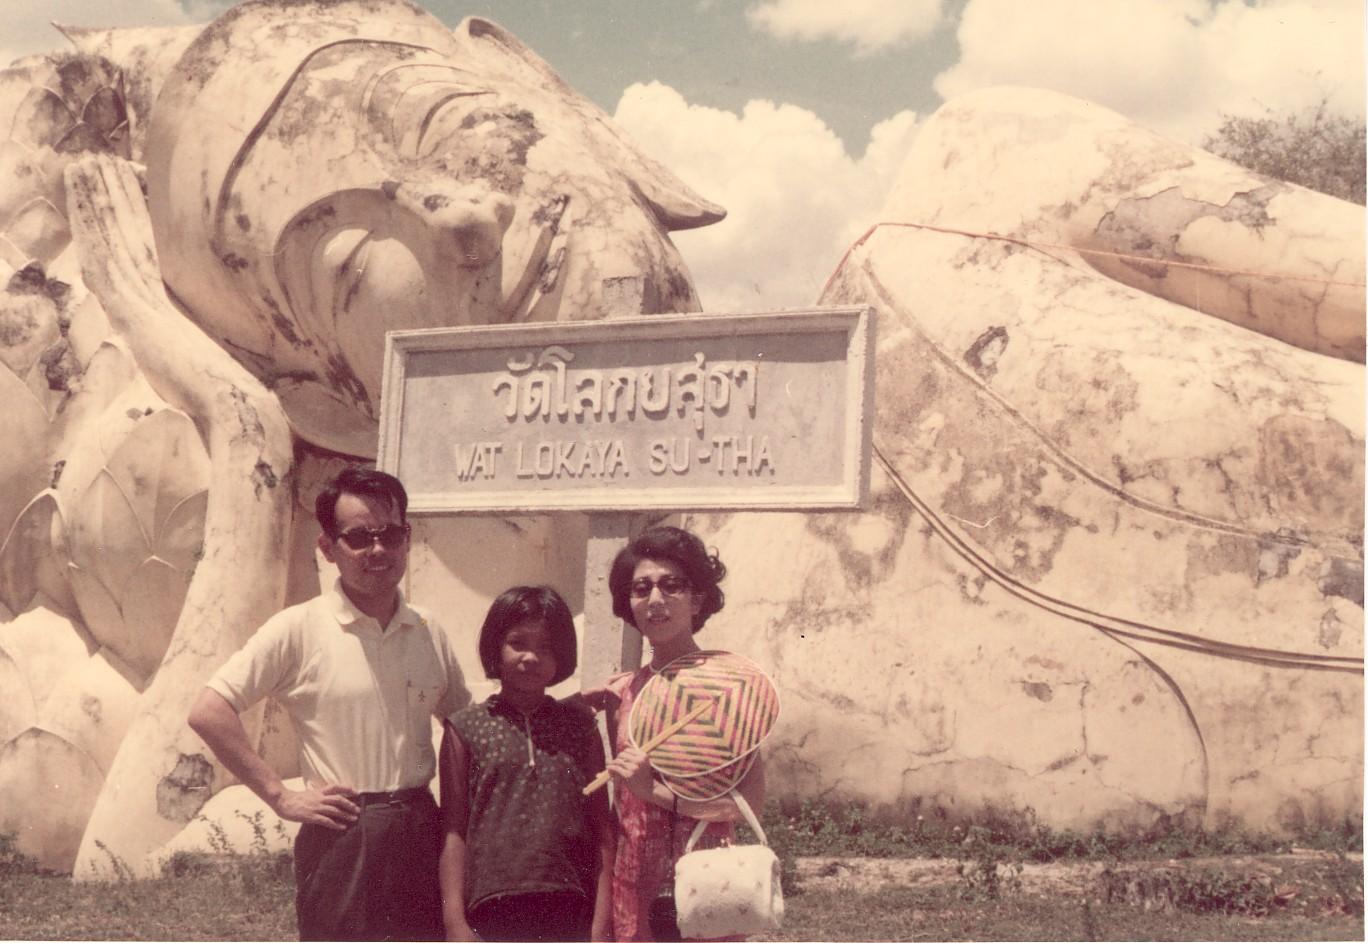 タイへの新婚旅行・アユタヤの寝釈迦像 1969年5月